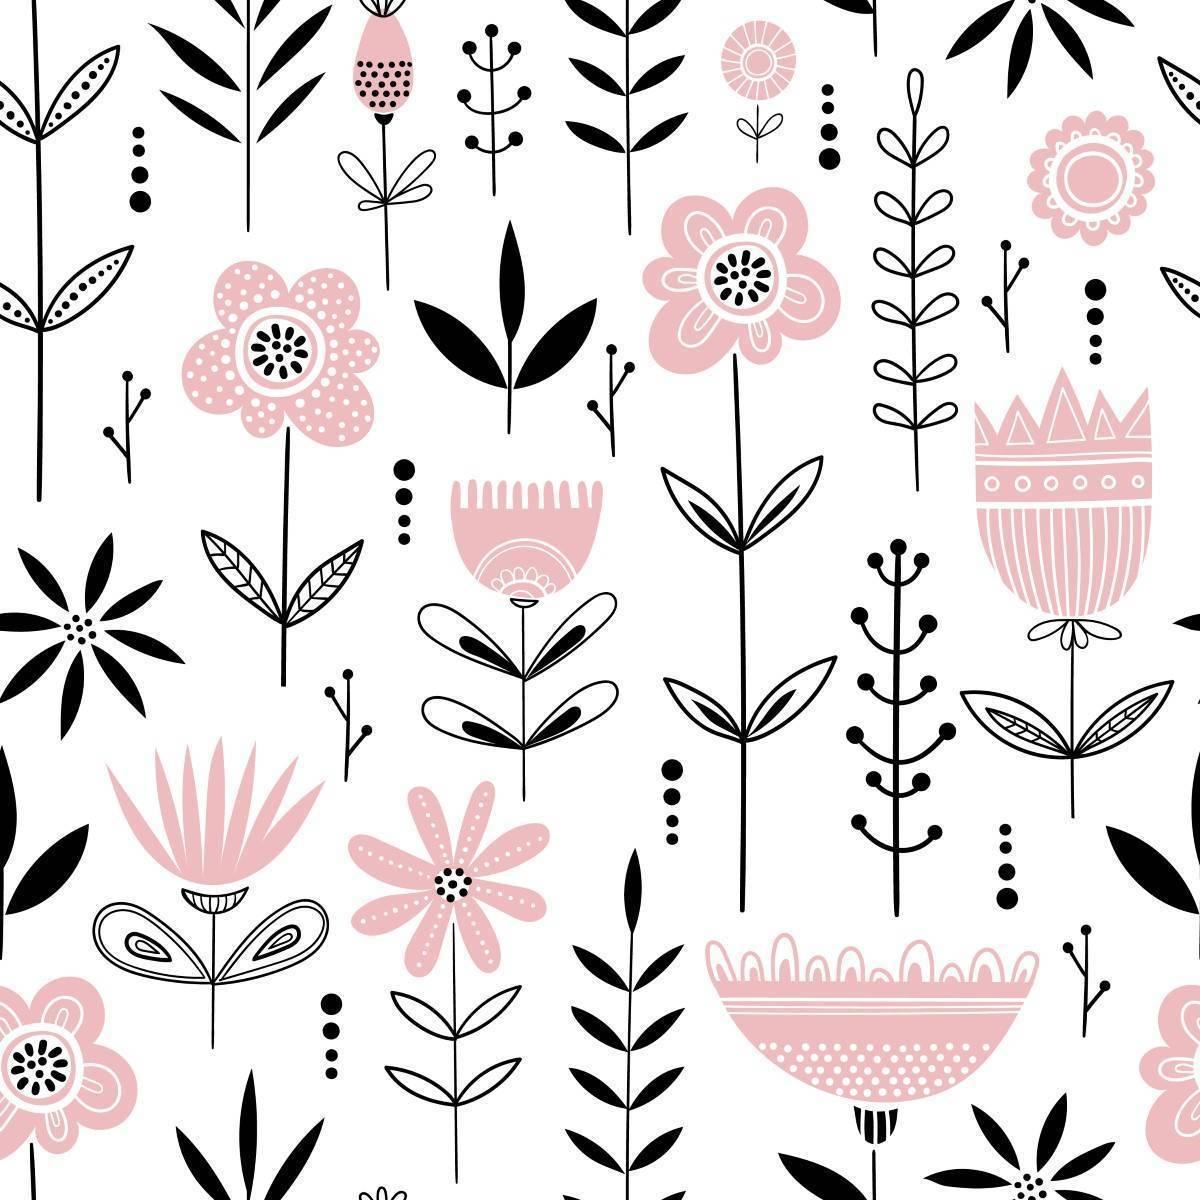 Papel de Parede Flor | Adesivo Vinílico imagem 1